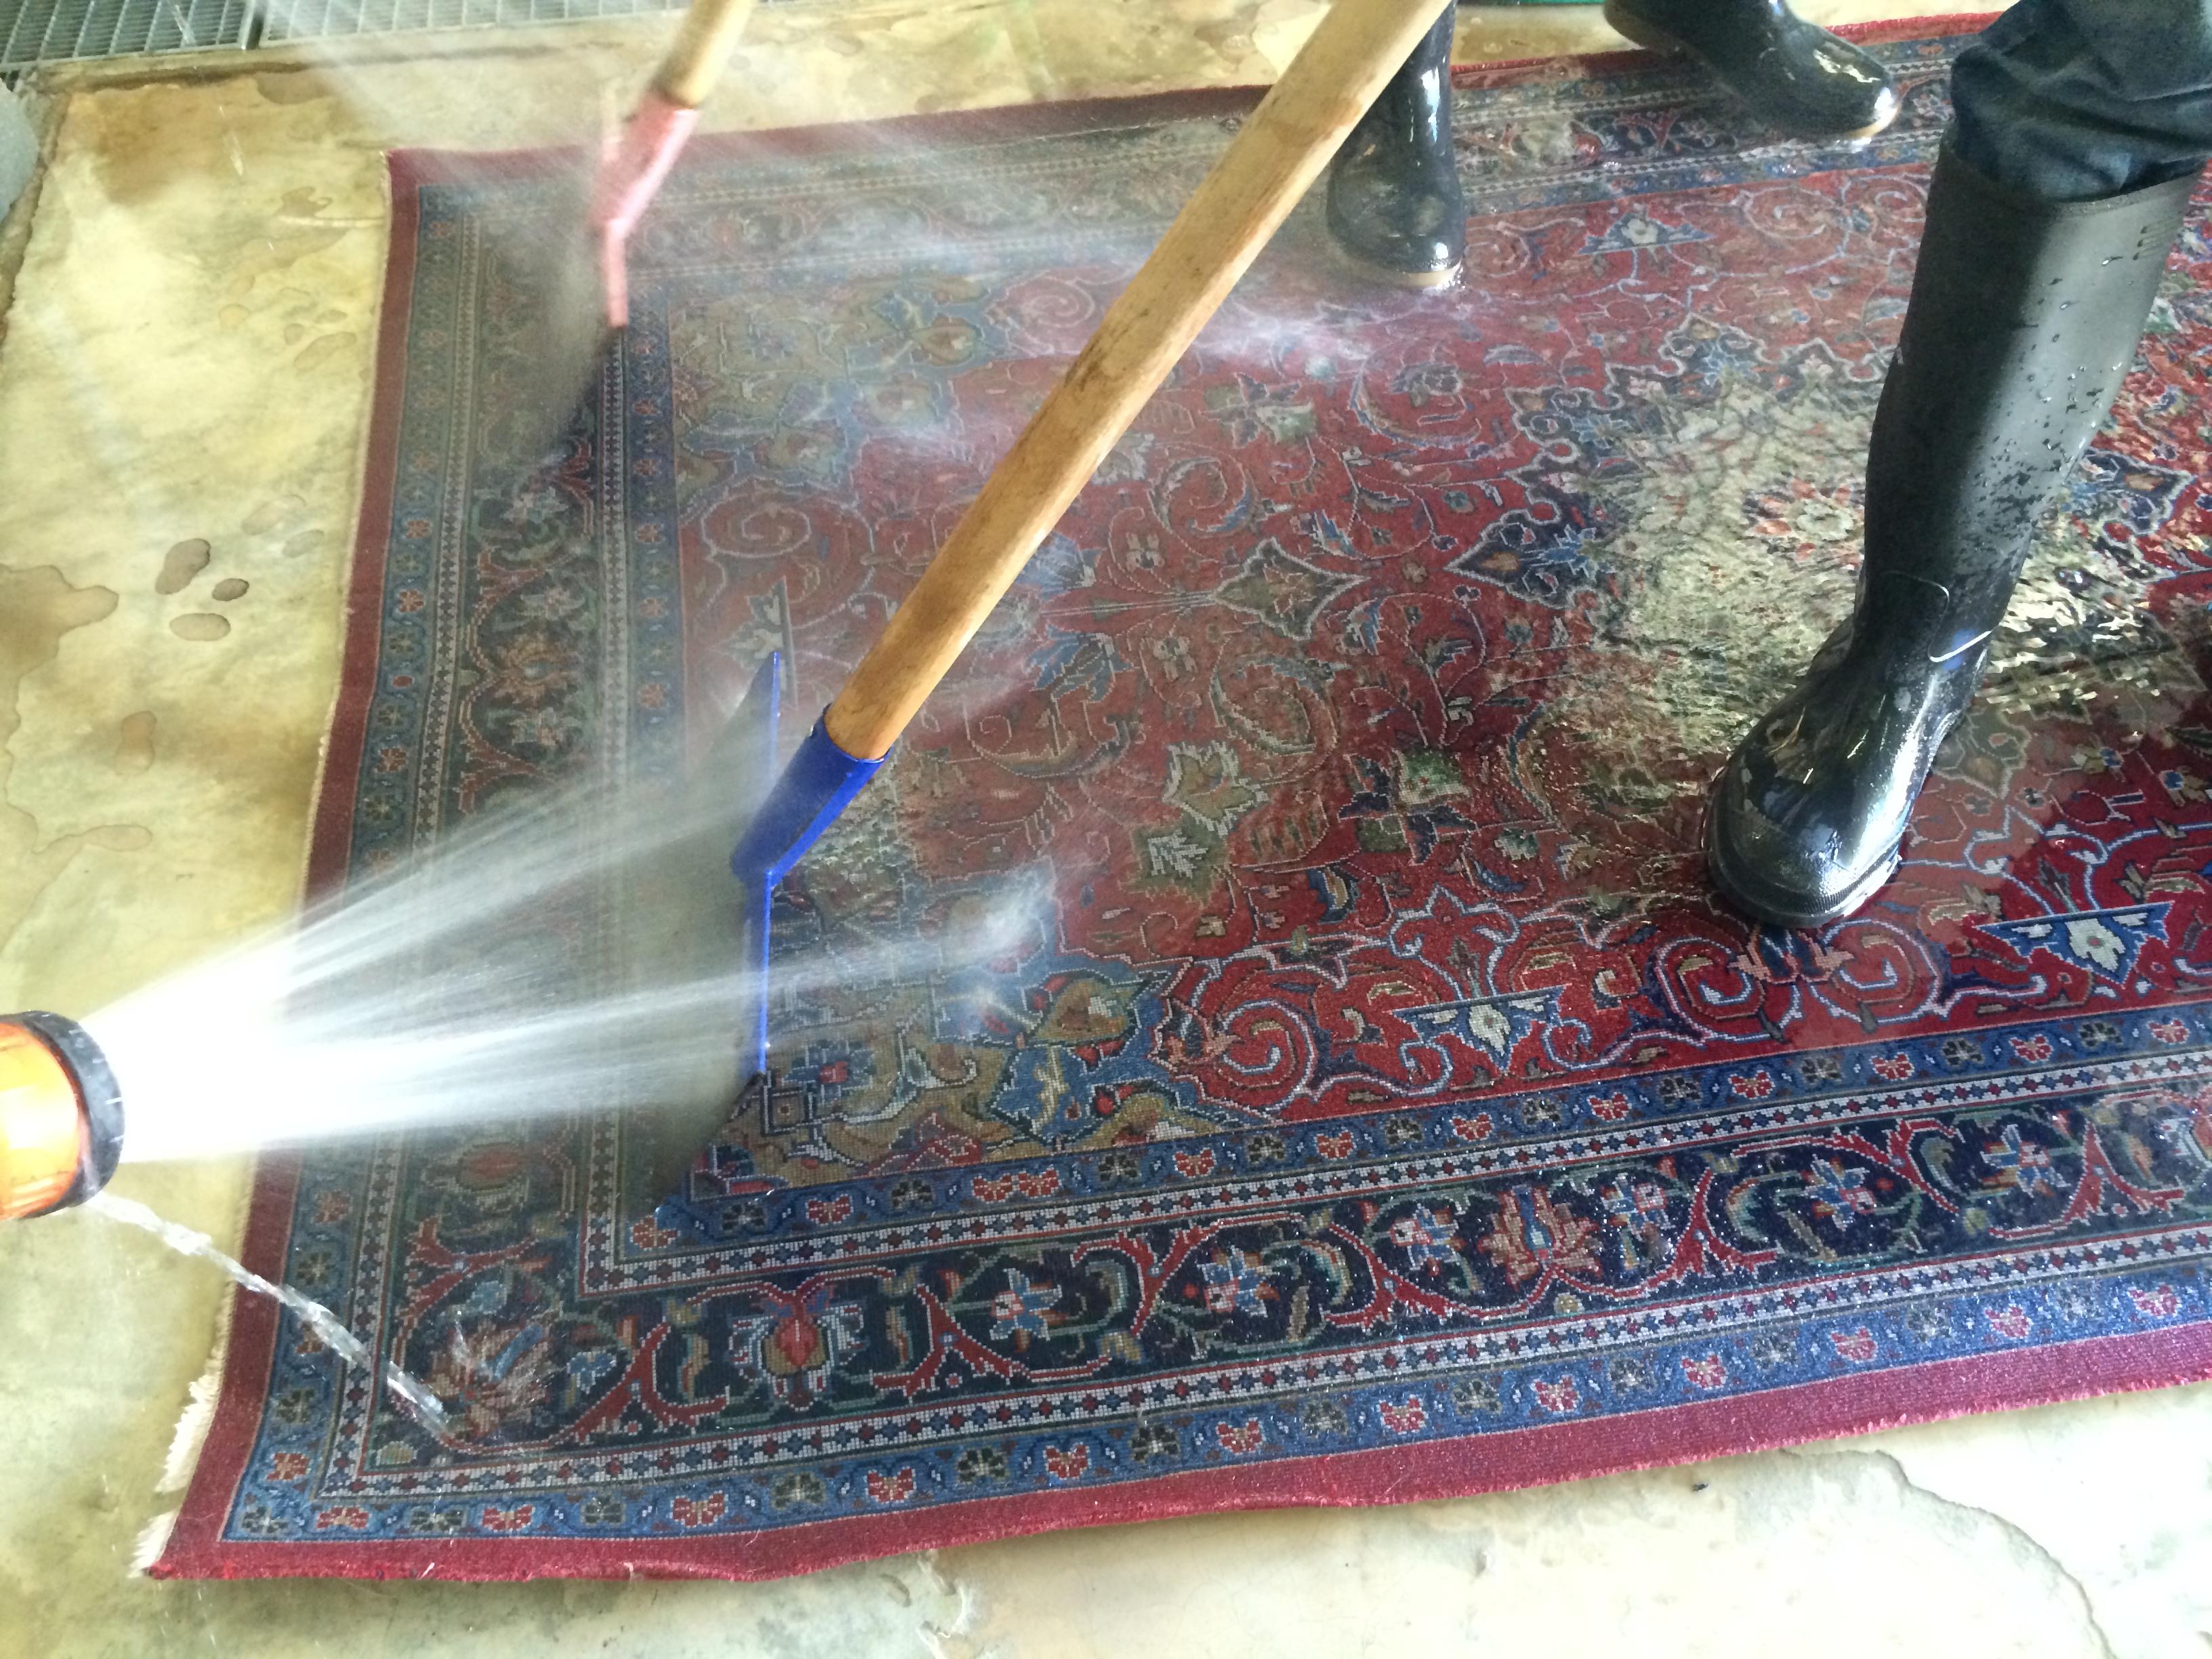 teppich sauber machen good teppich waschen worauf sollte man achten with teppich sauber machen. Black Bedroom Furniture Sets. Home Design Ideas